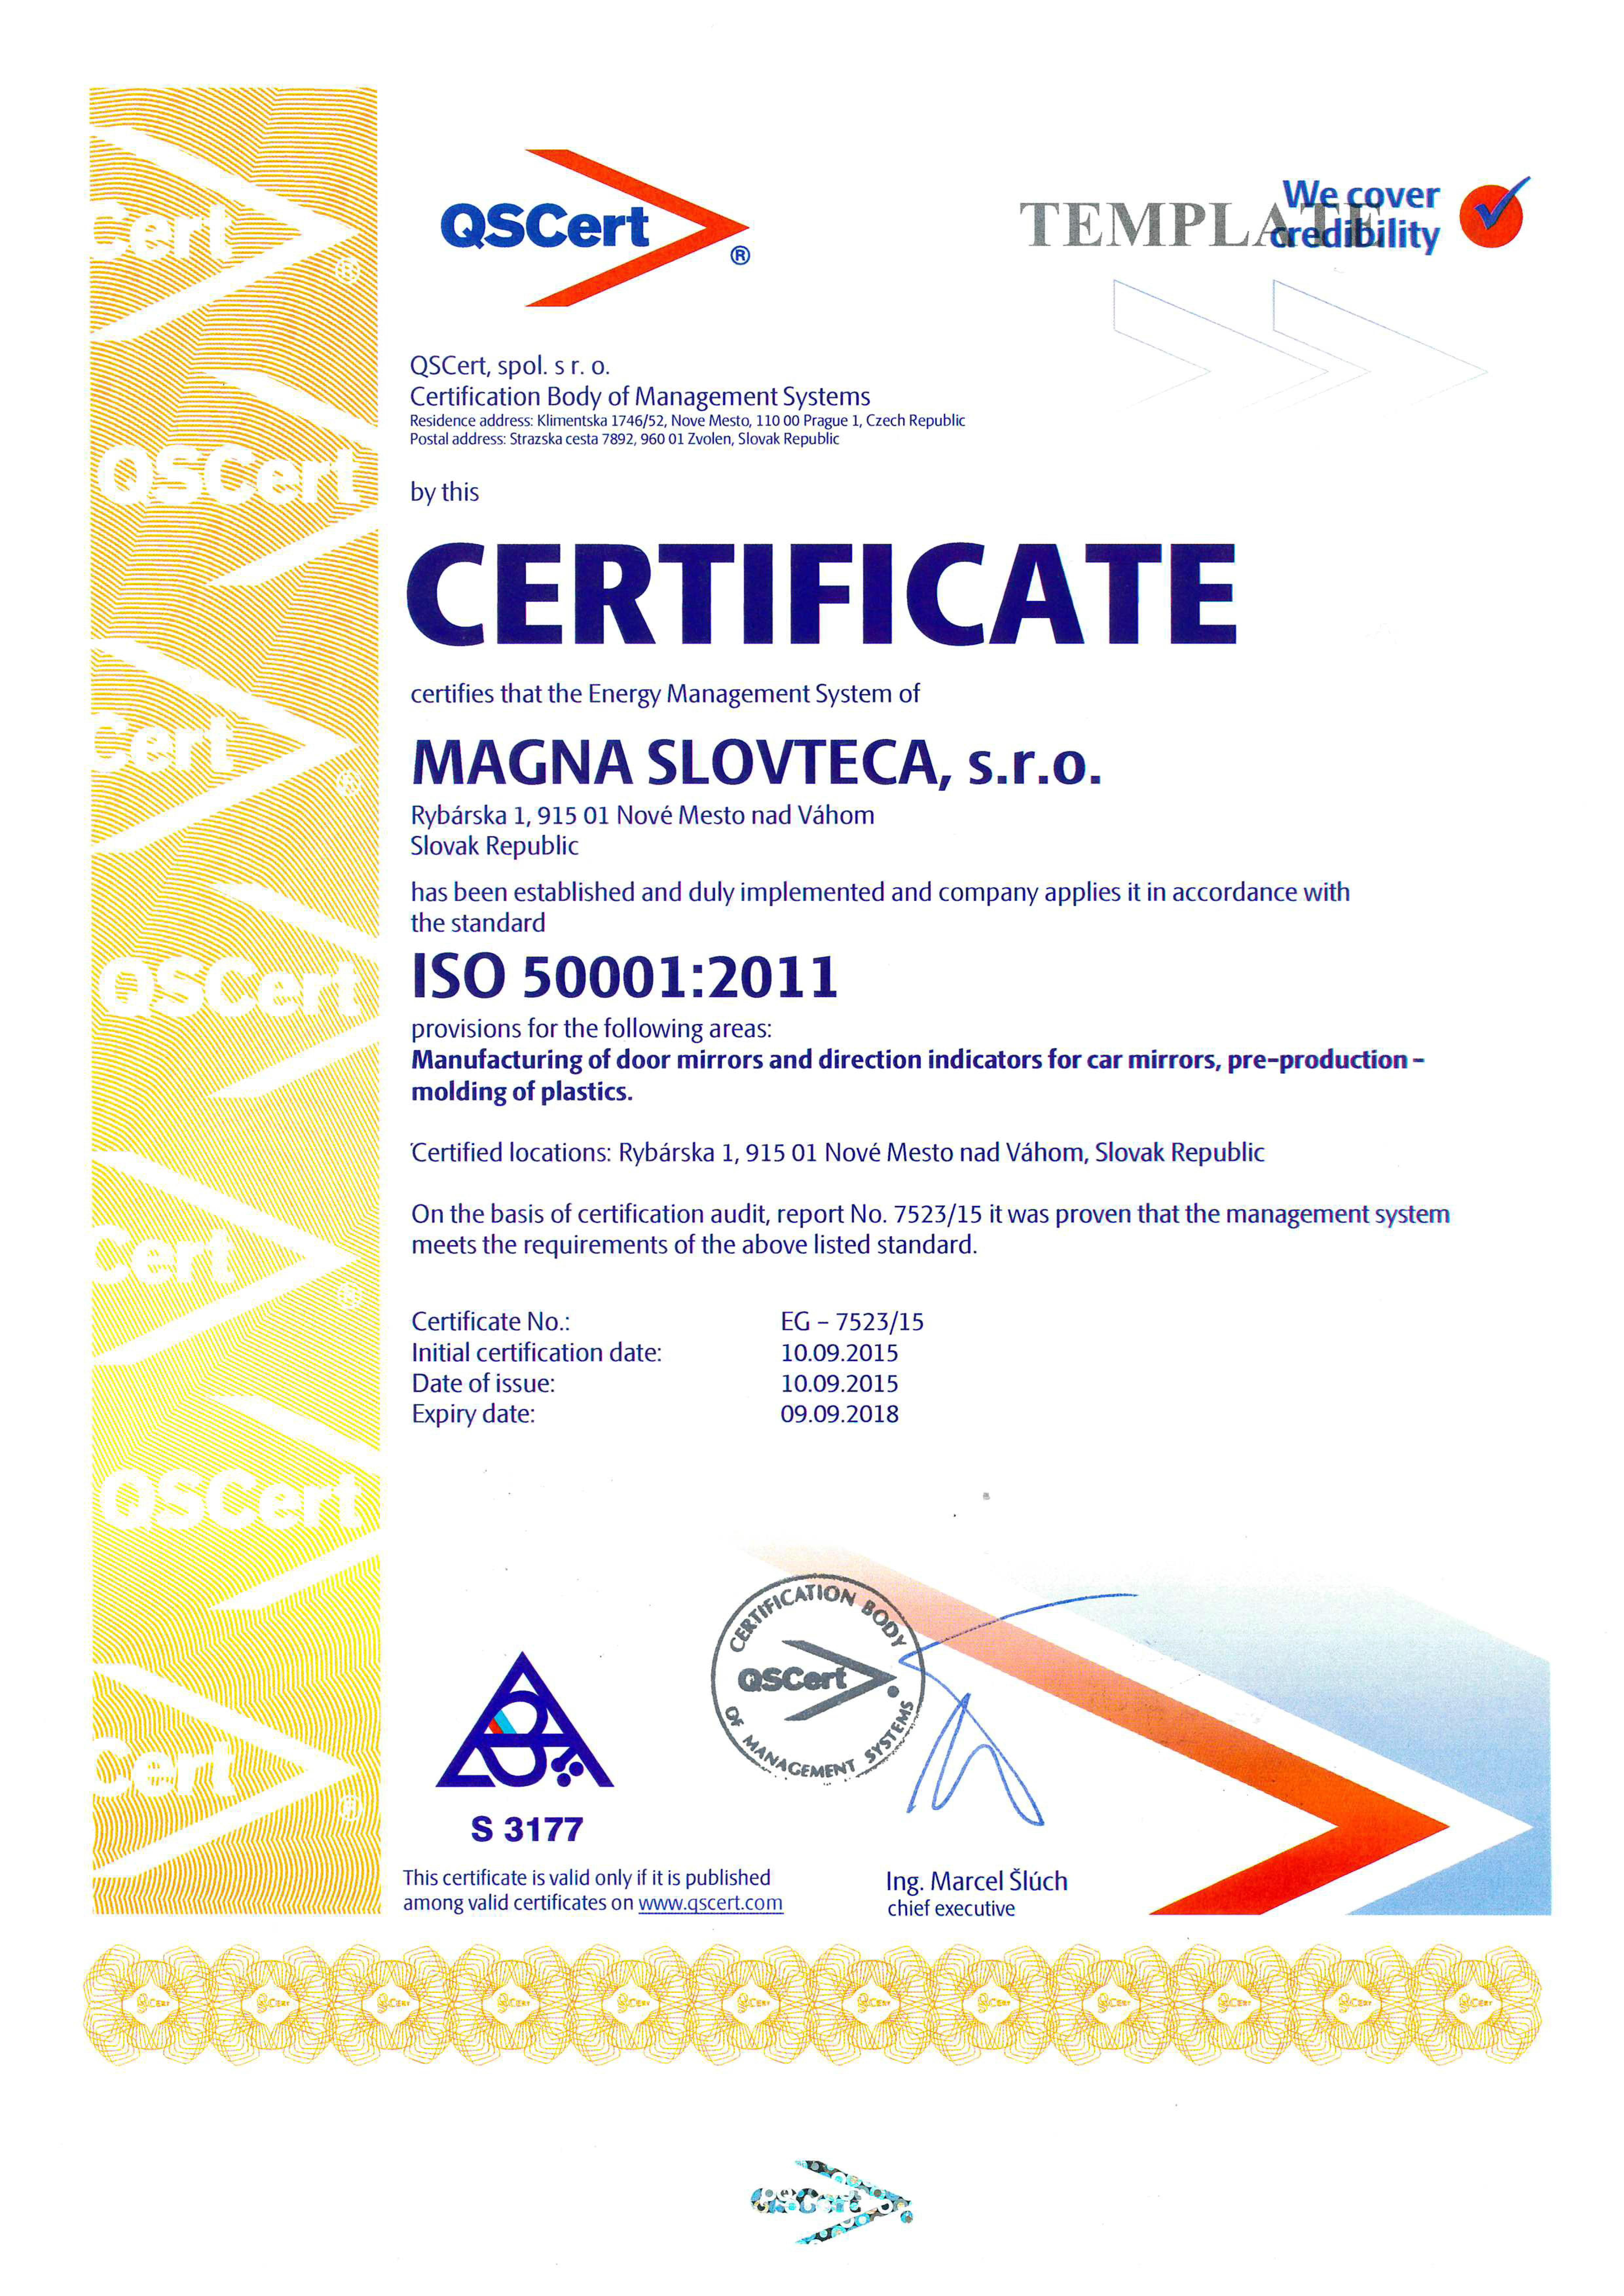 Qscert South Africa Fssc Food Safety Gfsi Dean Dreyden Haccp Electrical Wiring Certificate Certifikcia Iso 50001